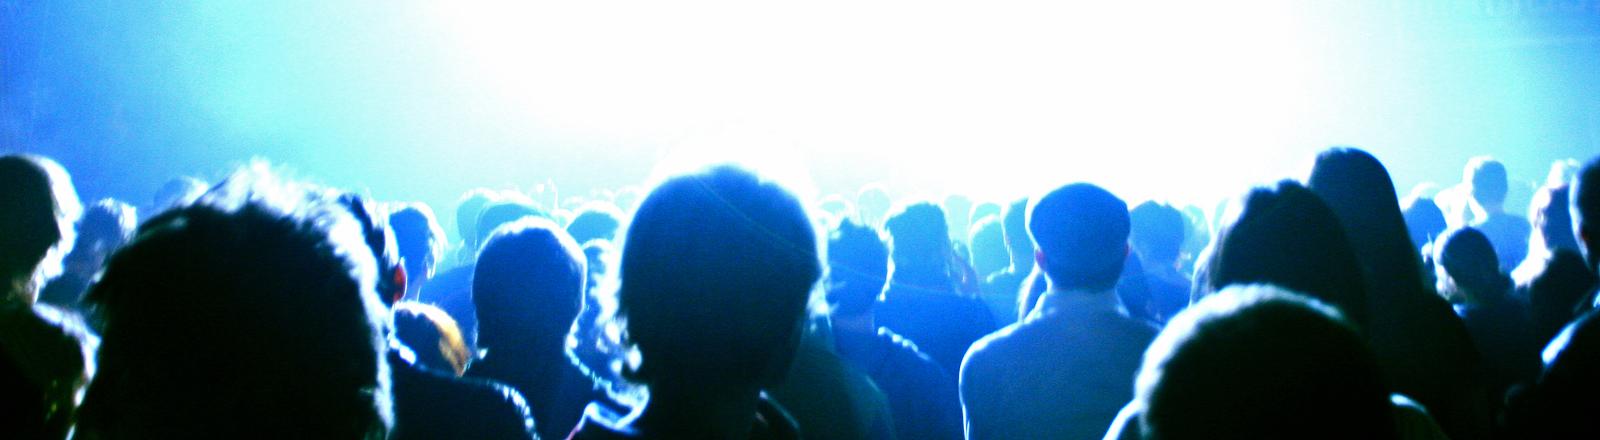 Publikum schaut ins Licht (froodmat | photocase.de)